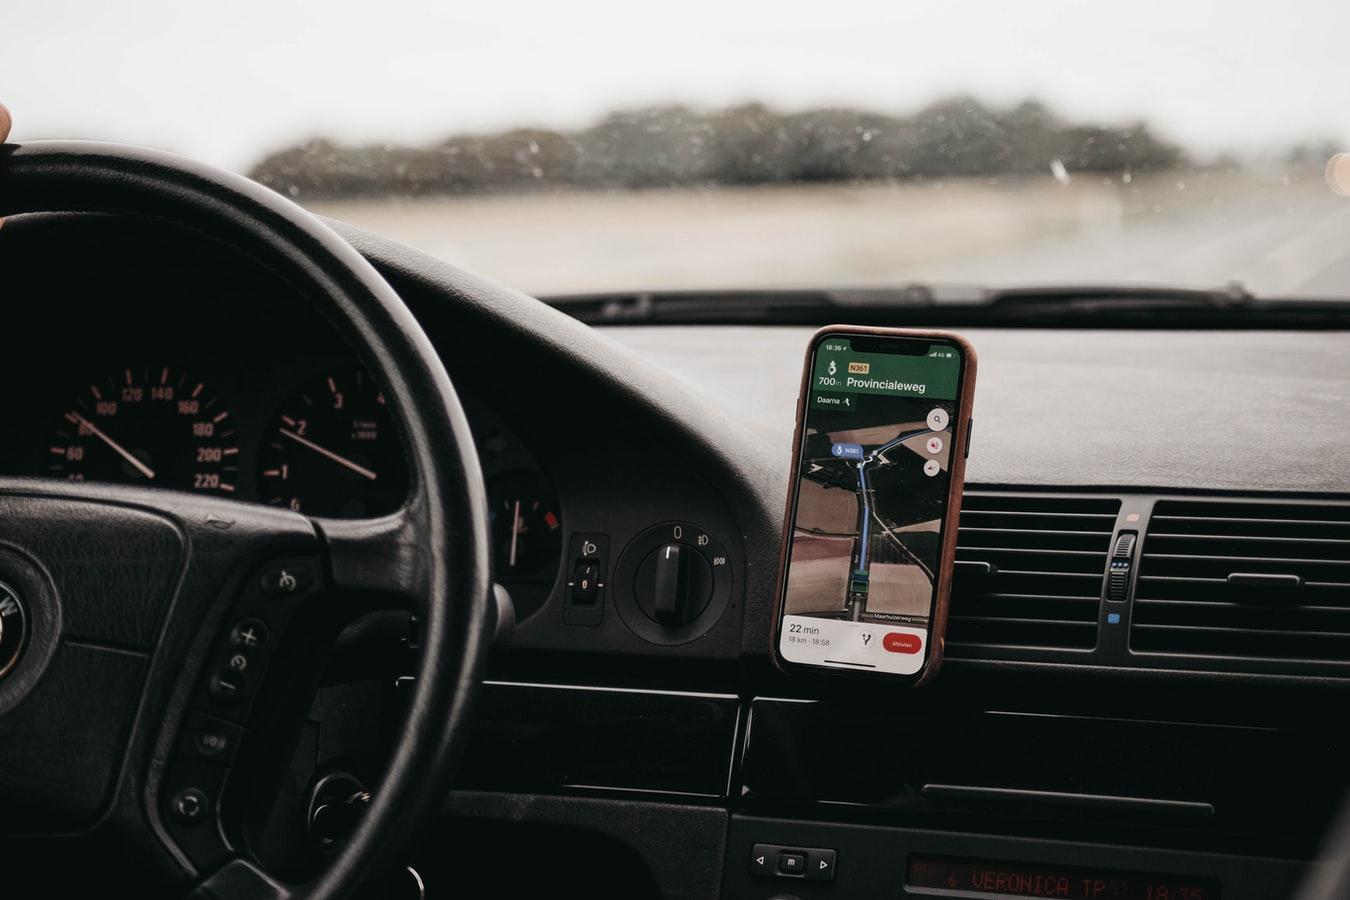 navigeren met smartphone